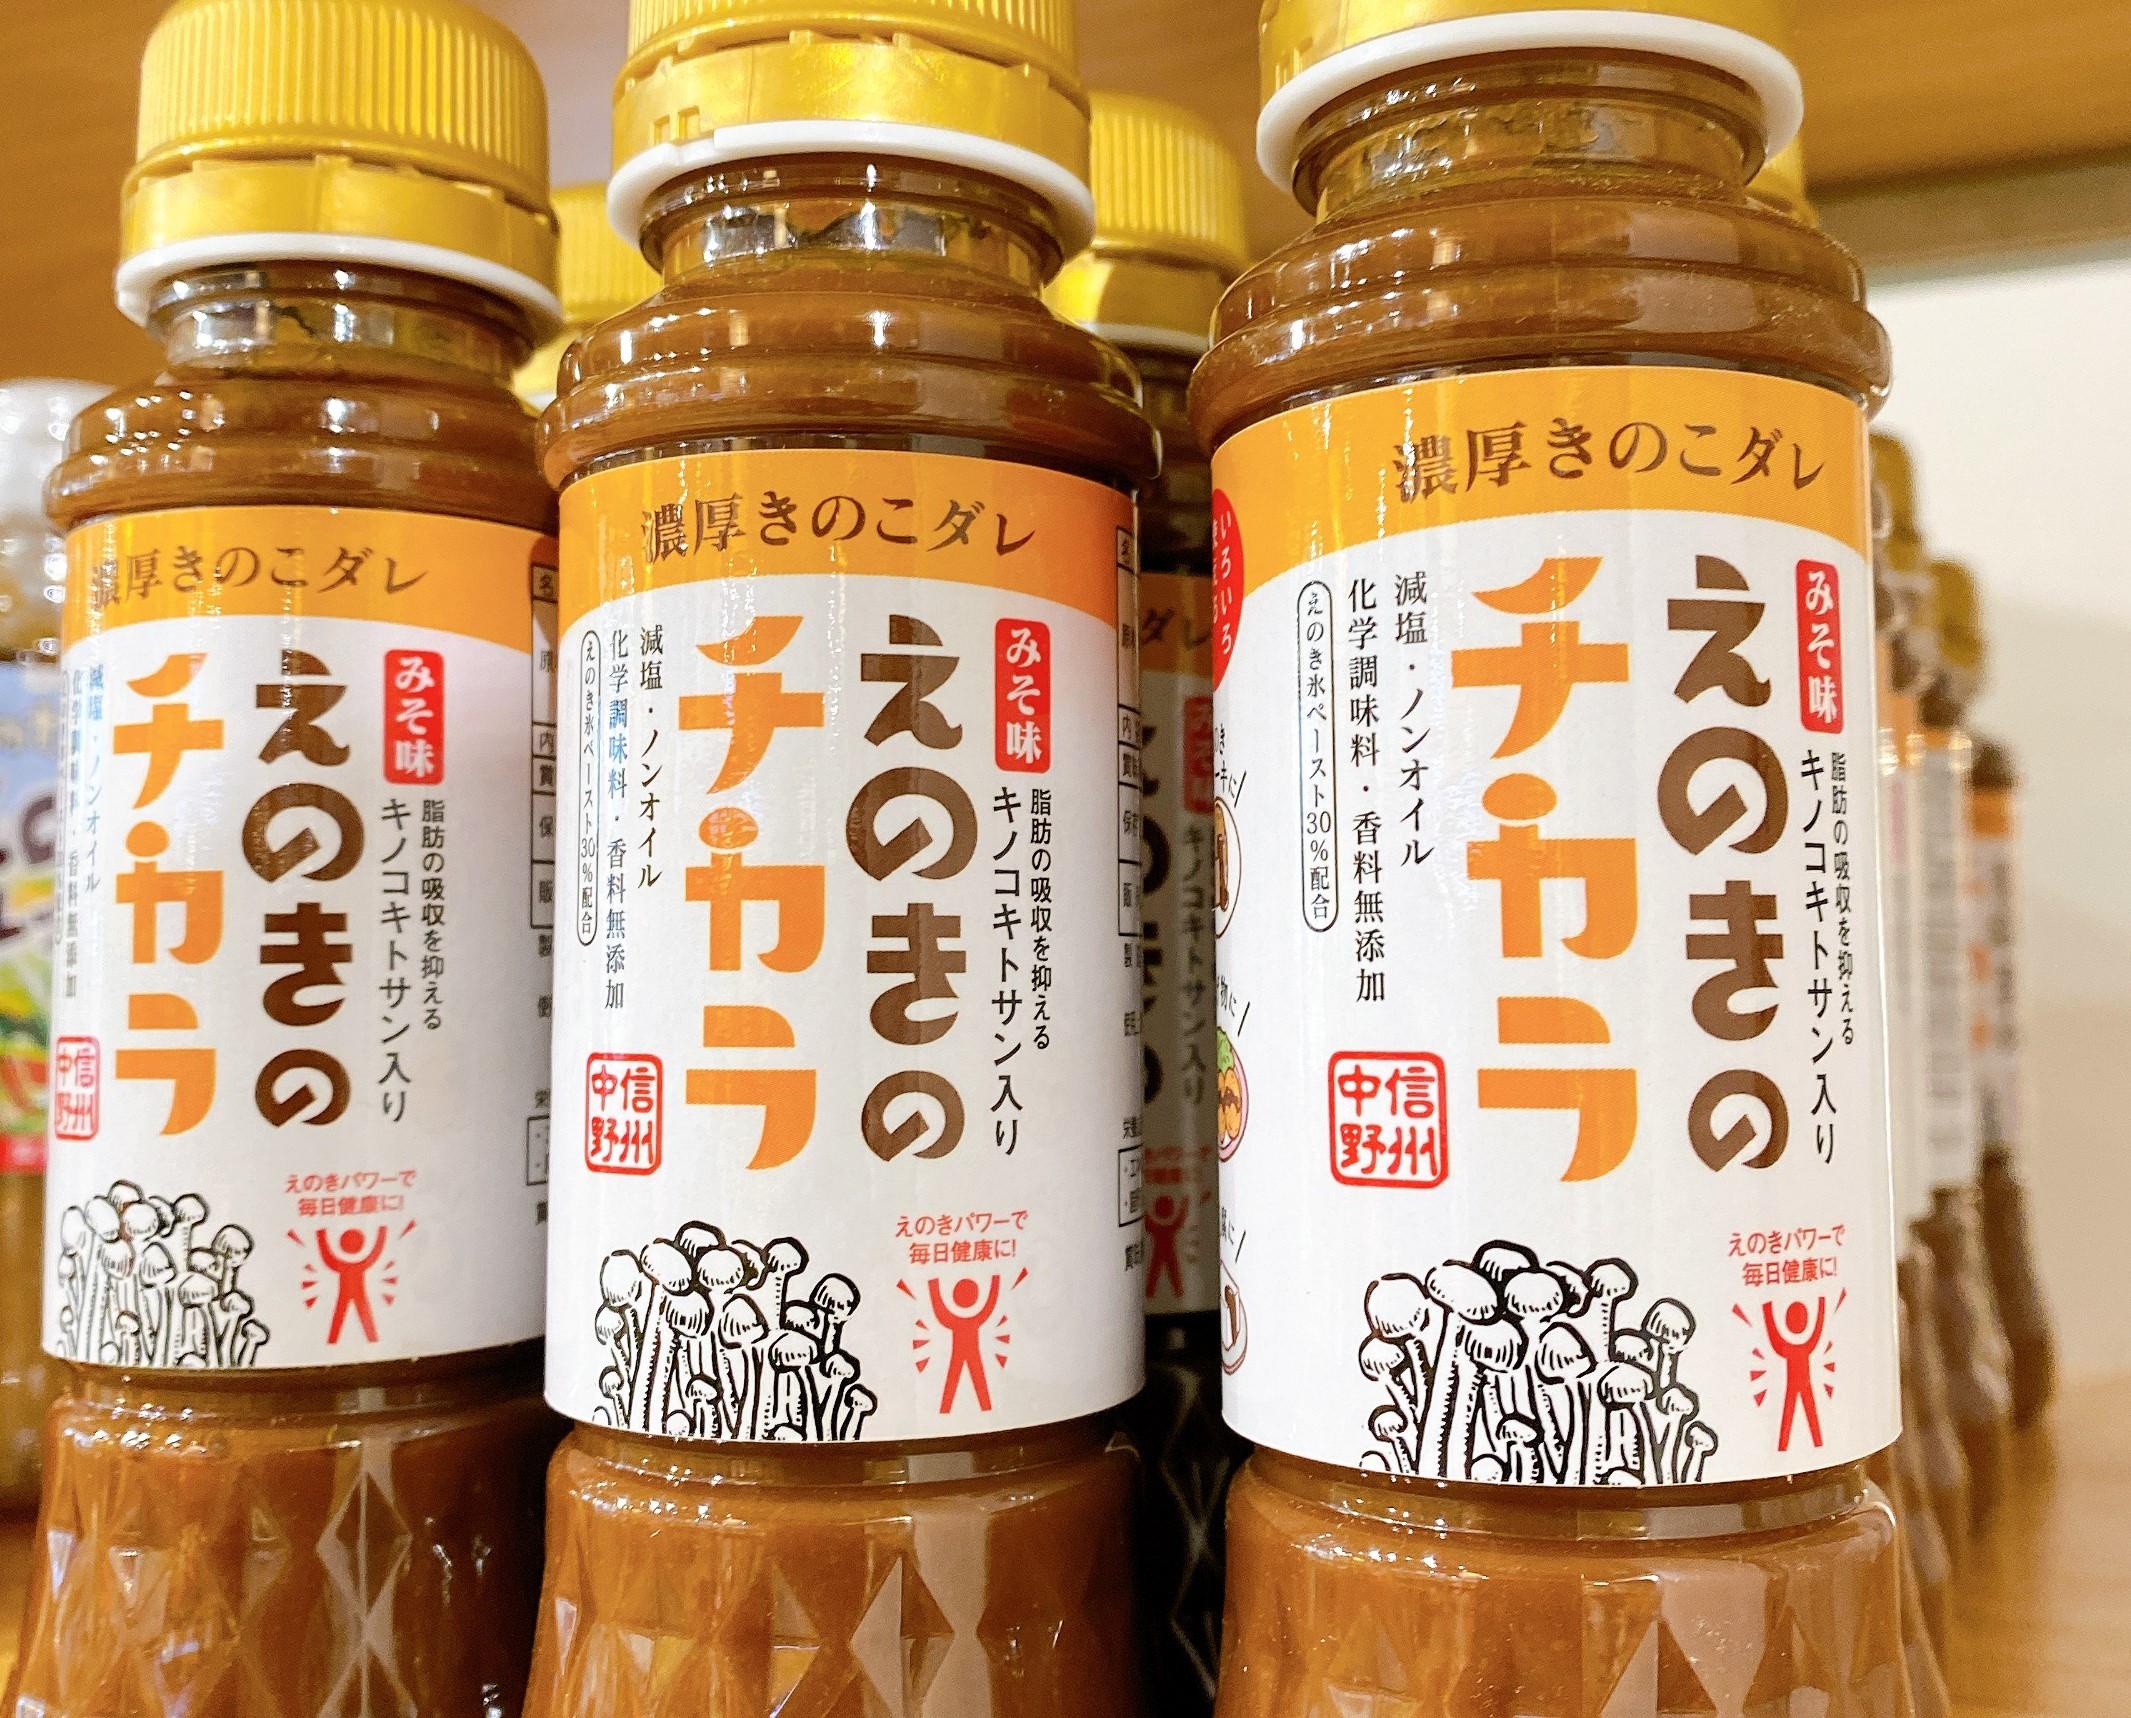 【新商品入荷②】えのきの栄養がぎっしり!濃厚きのこダレ「えのきのチカラ」